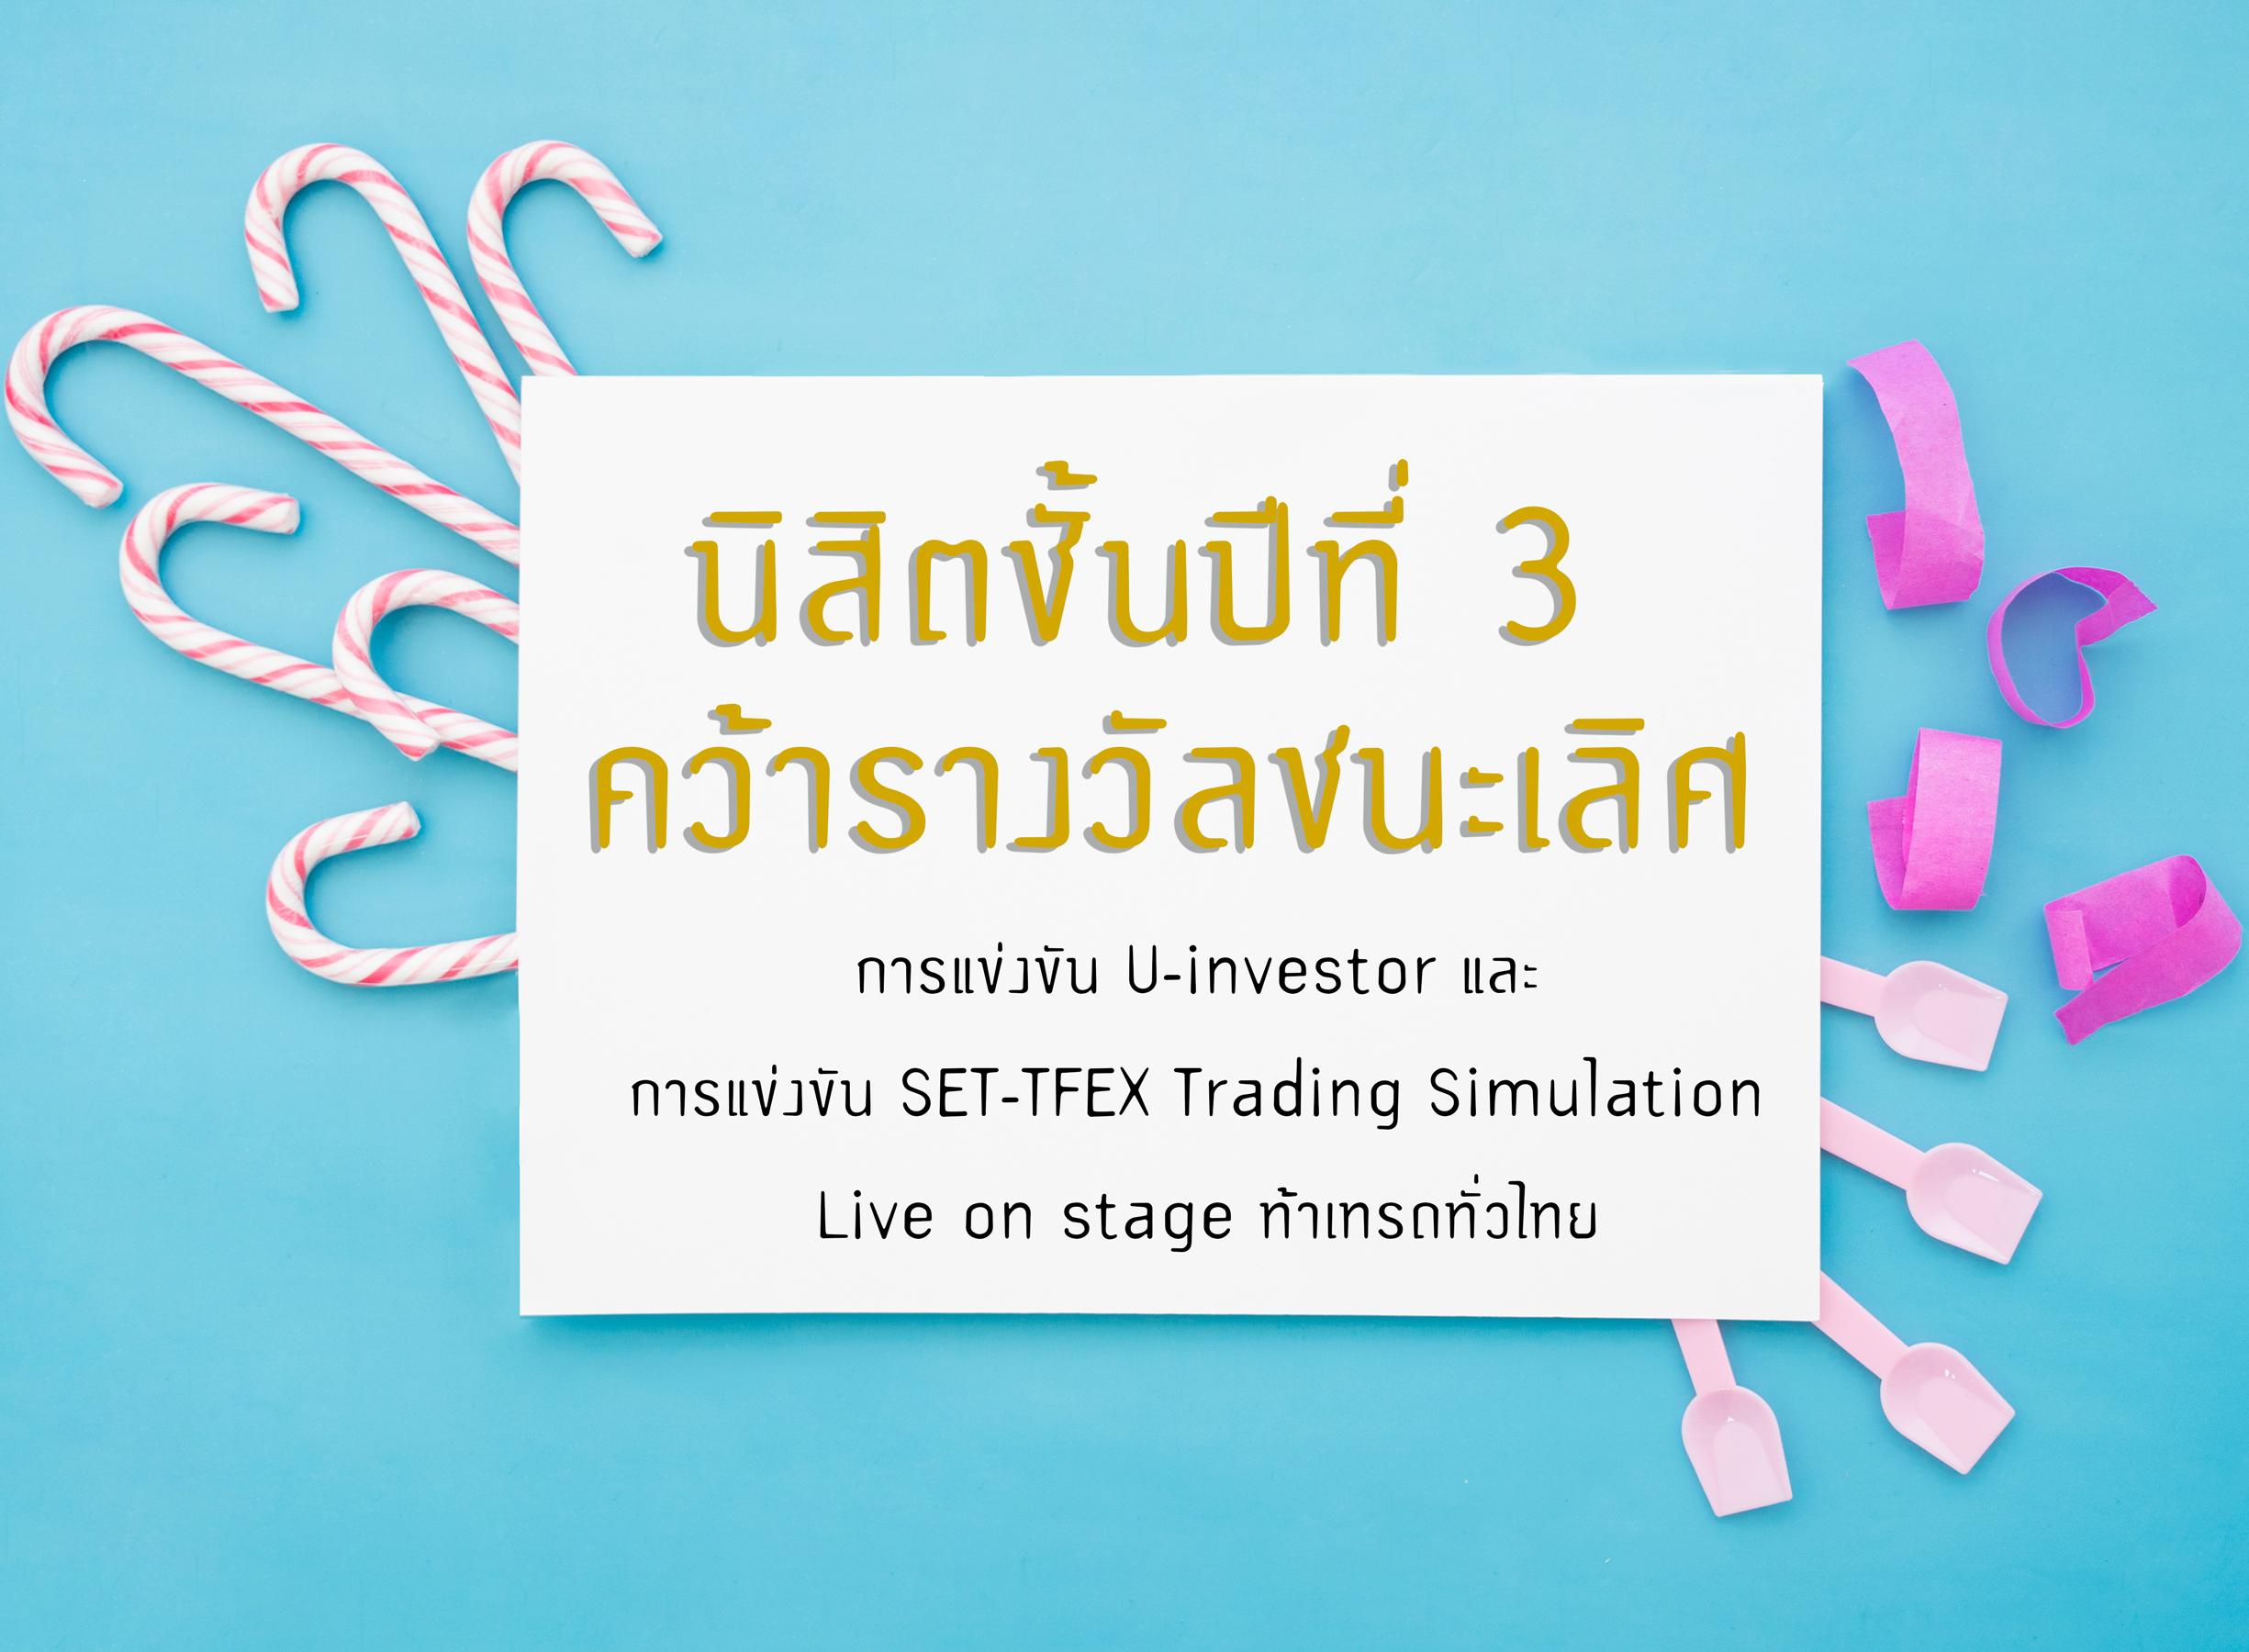 นิสิตชั้นปีที่3 คว้ารางวัลชนะเลิศ การแข่งขัน U-investor และ SET-TFEX Trading Simulation : Live on stage ท้าเทรดทั่วไทย